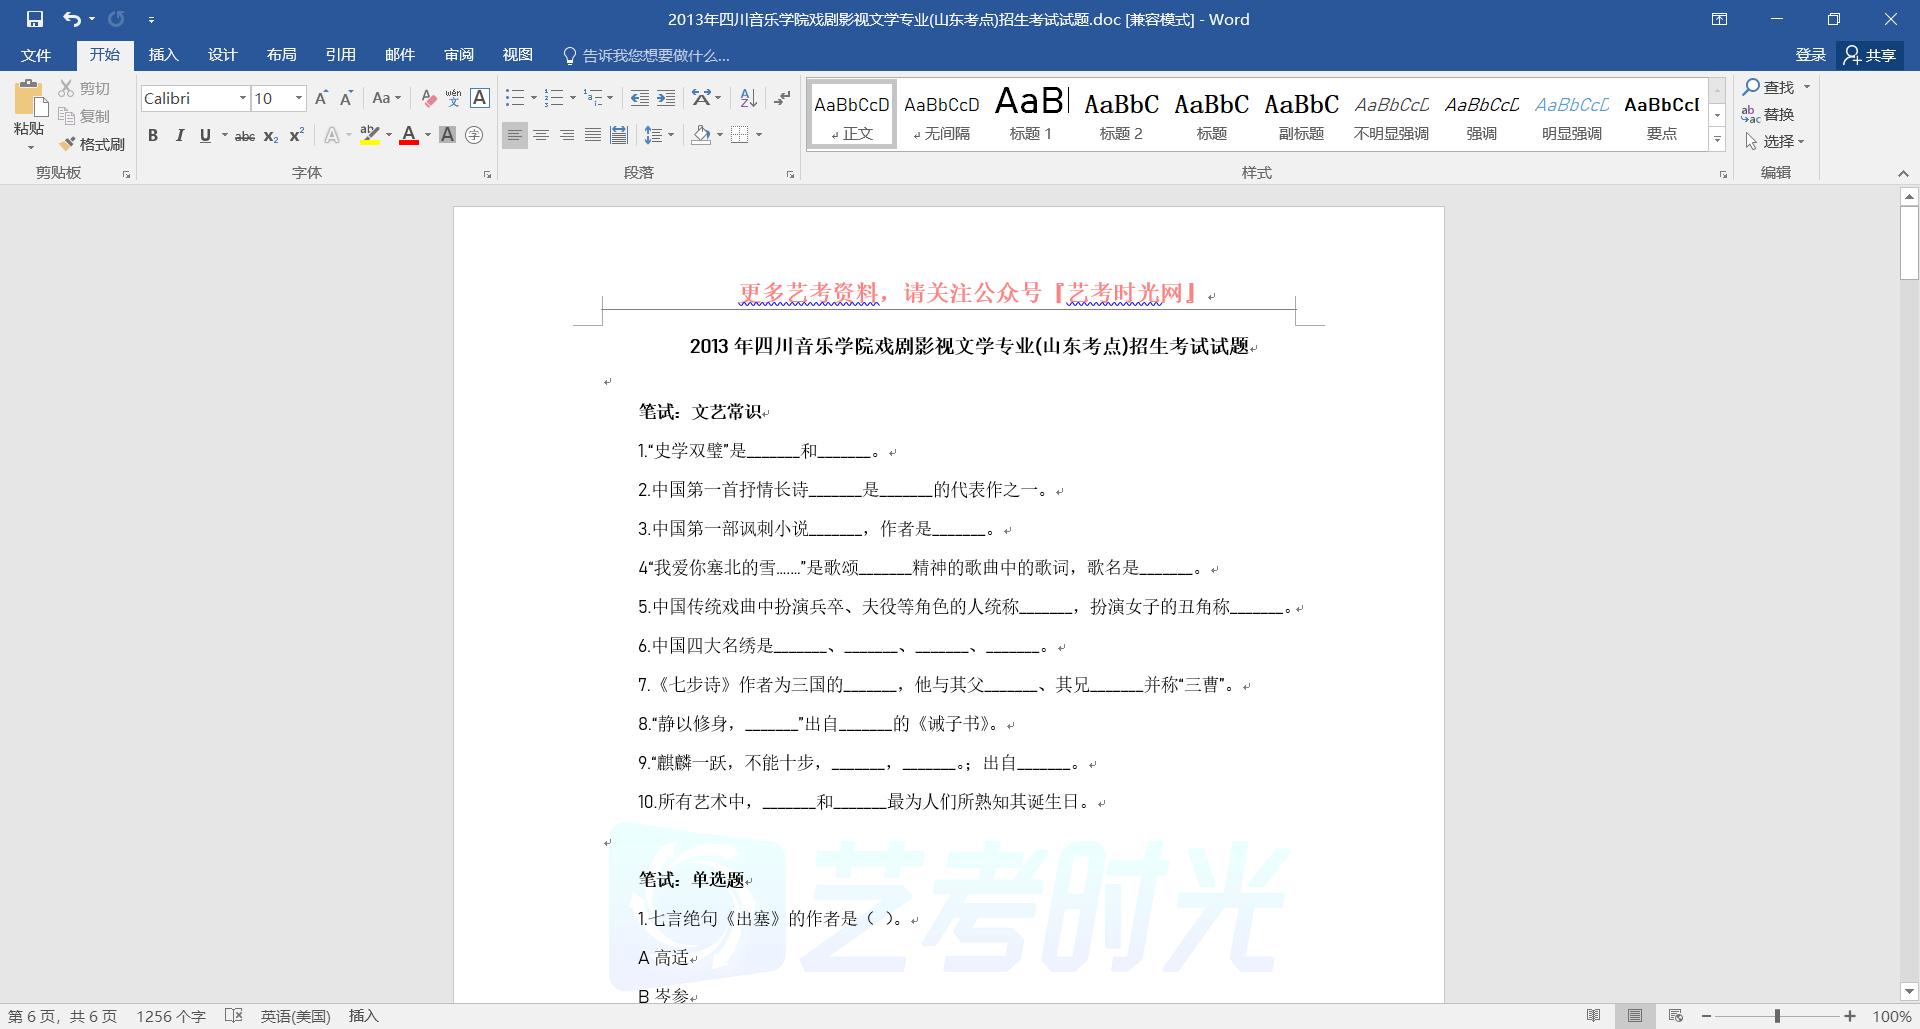 2013年四川音乐学院戏剧影视文学专业考试试题(含答案)